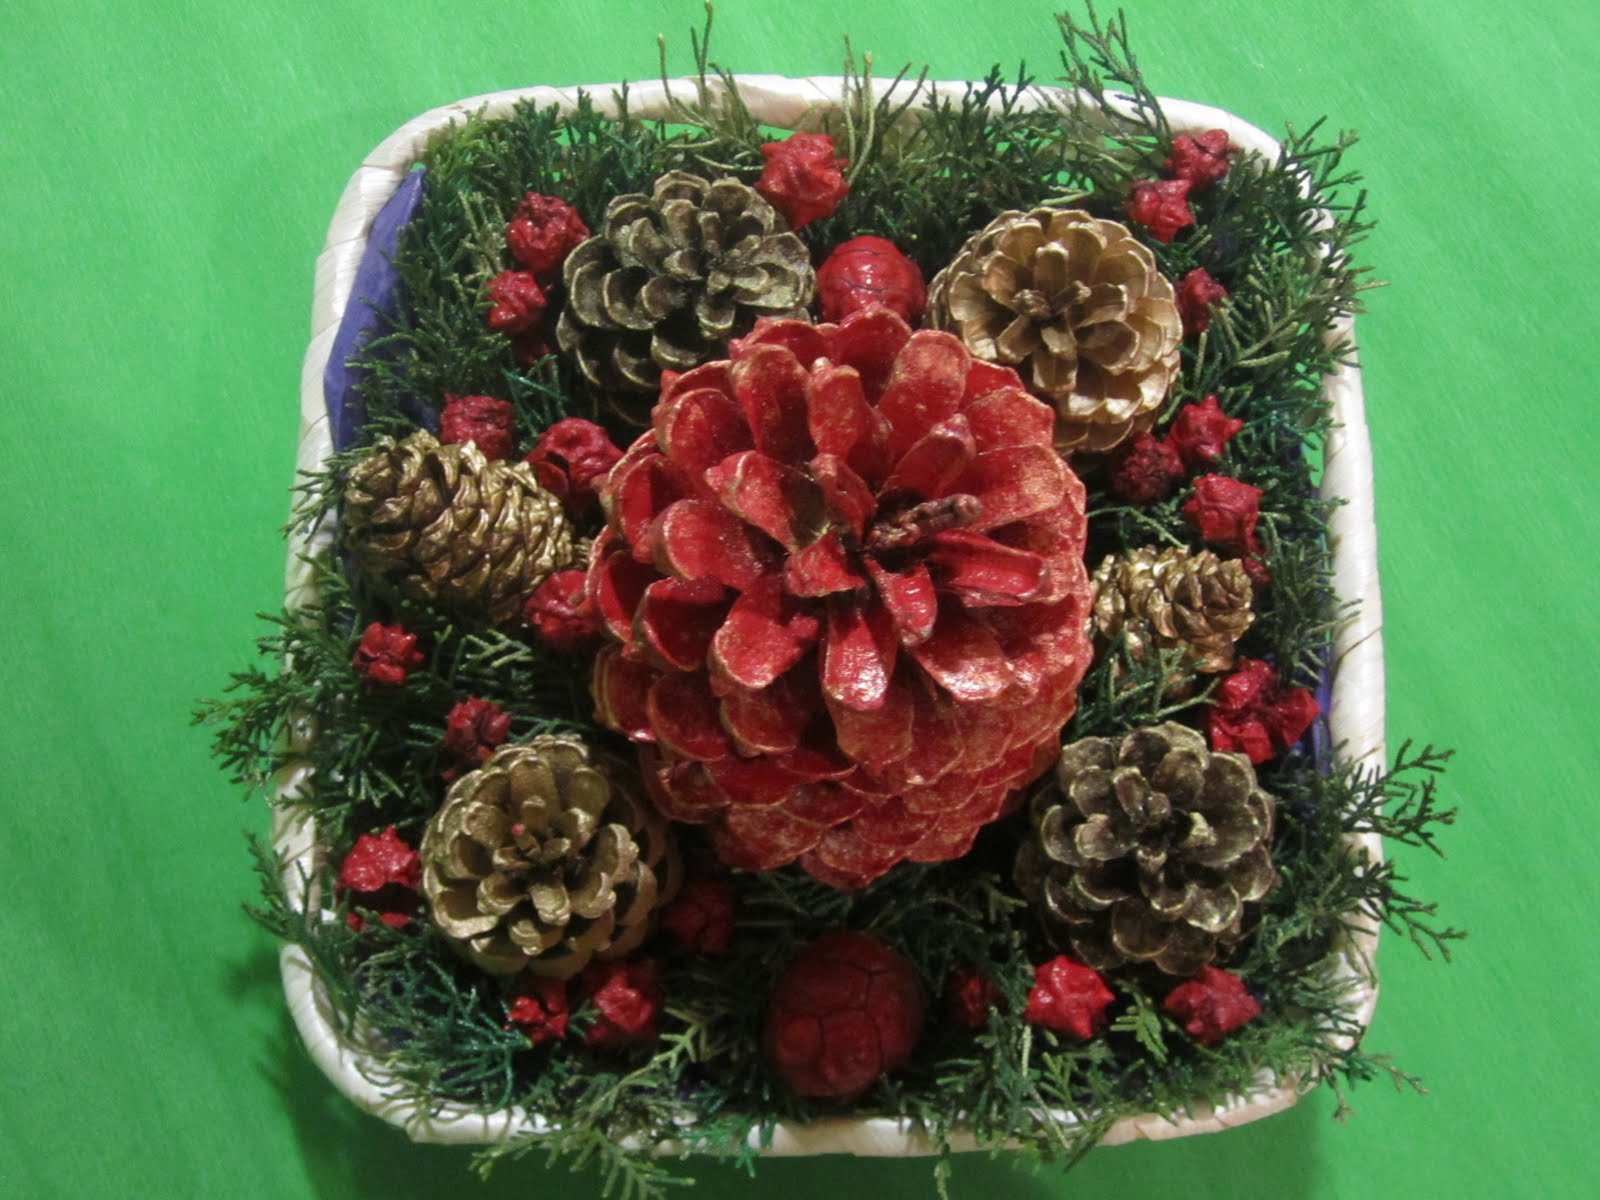 Jabones y otras cositas un centro de mesa navide o casero - Centros de mesa navidenos caseros ...